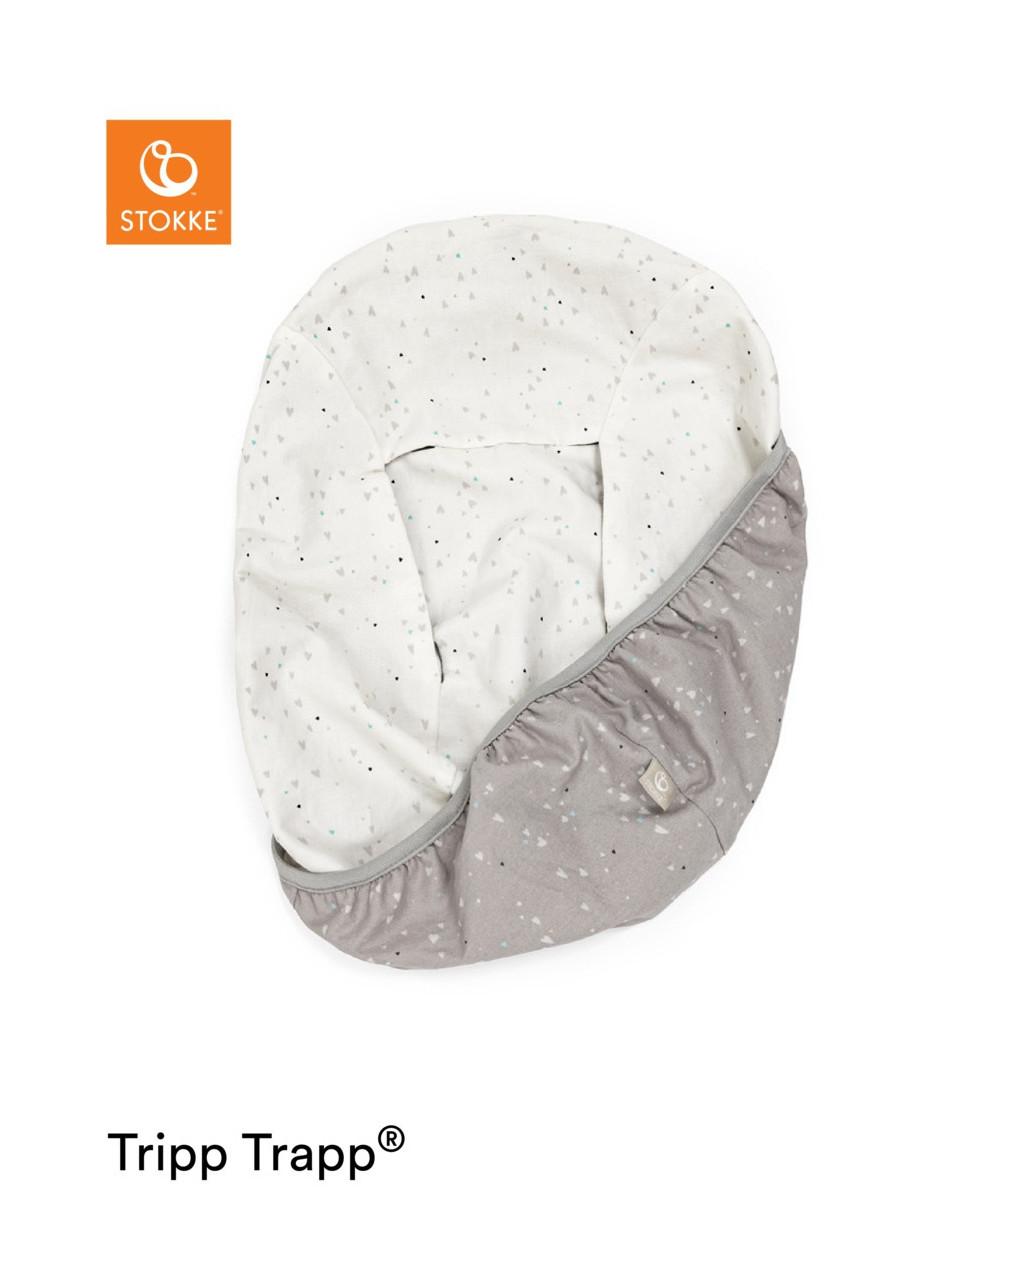 Capa para o conjunto tripp trapp® recém-nascido - queridos corações - Stokke